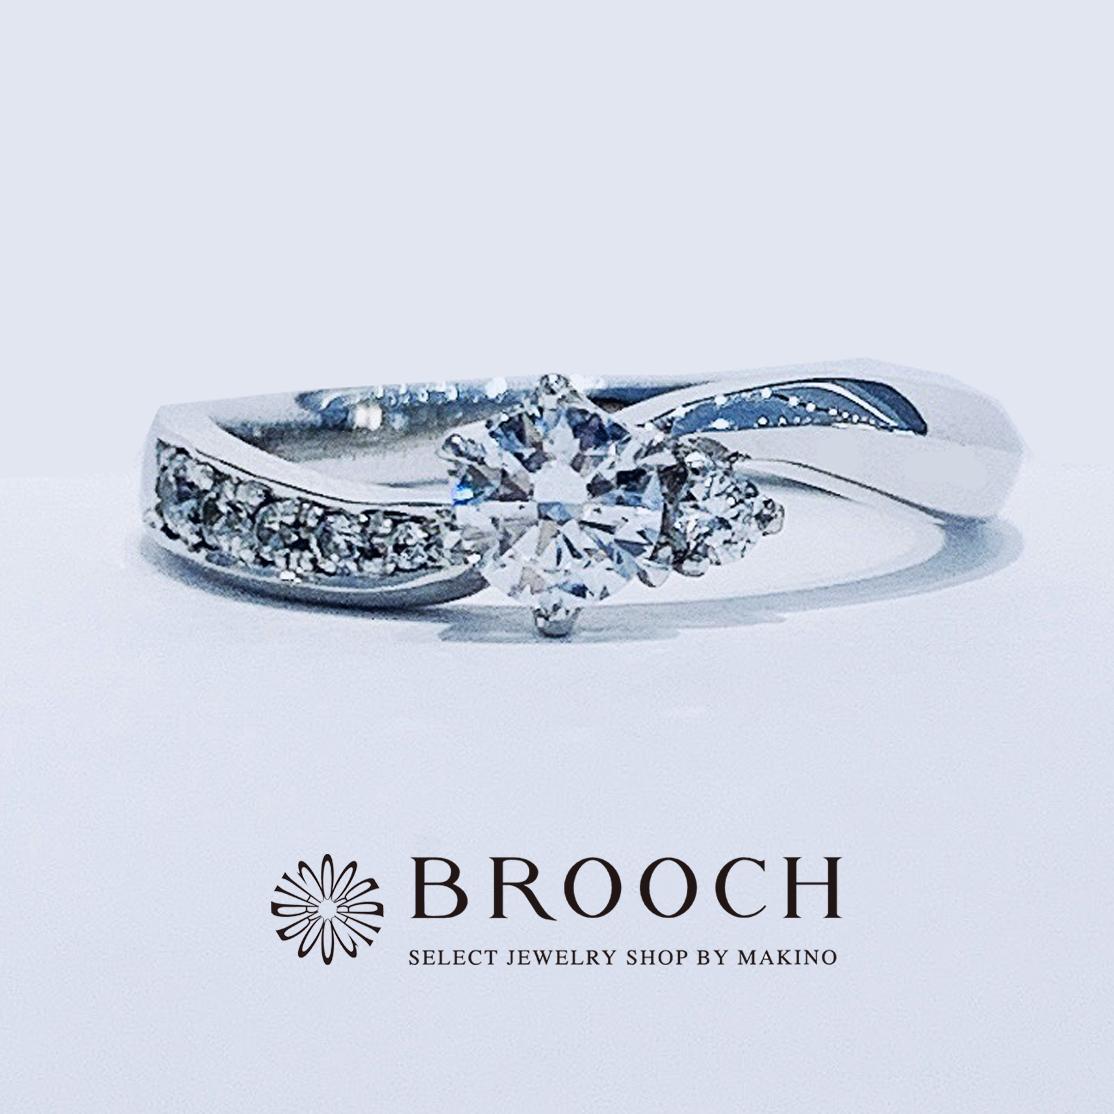 BROOCH 婚約指輪 エンゲージリング ウェーブデザイン